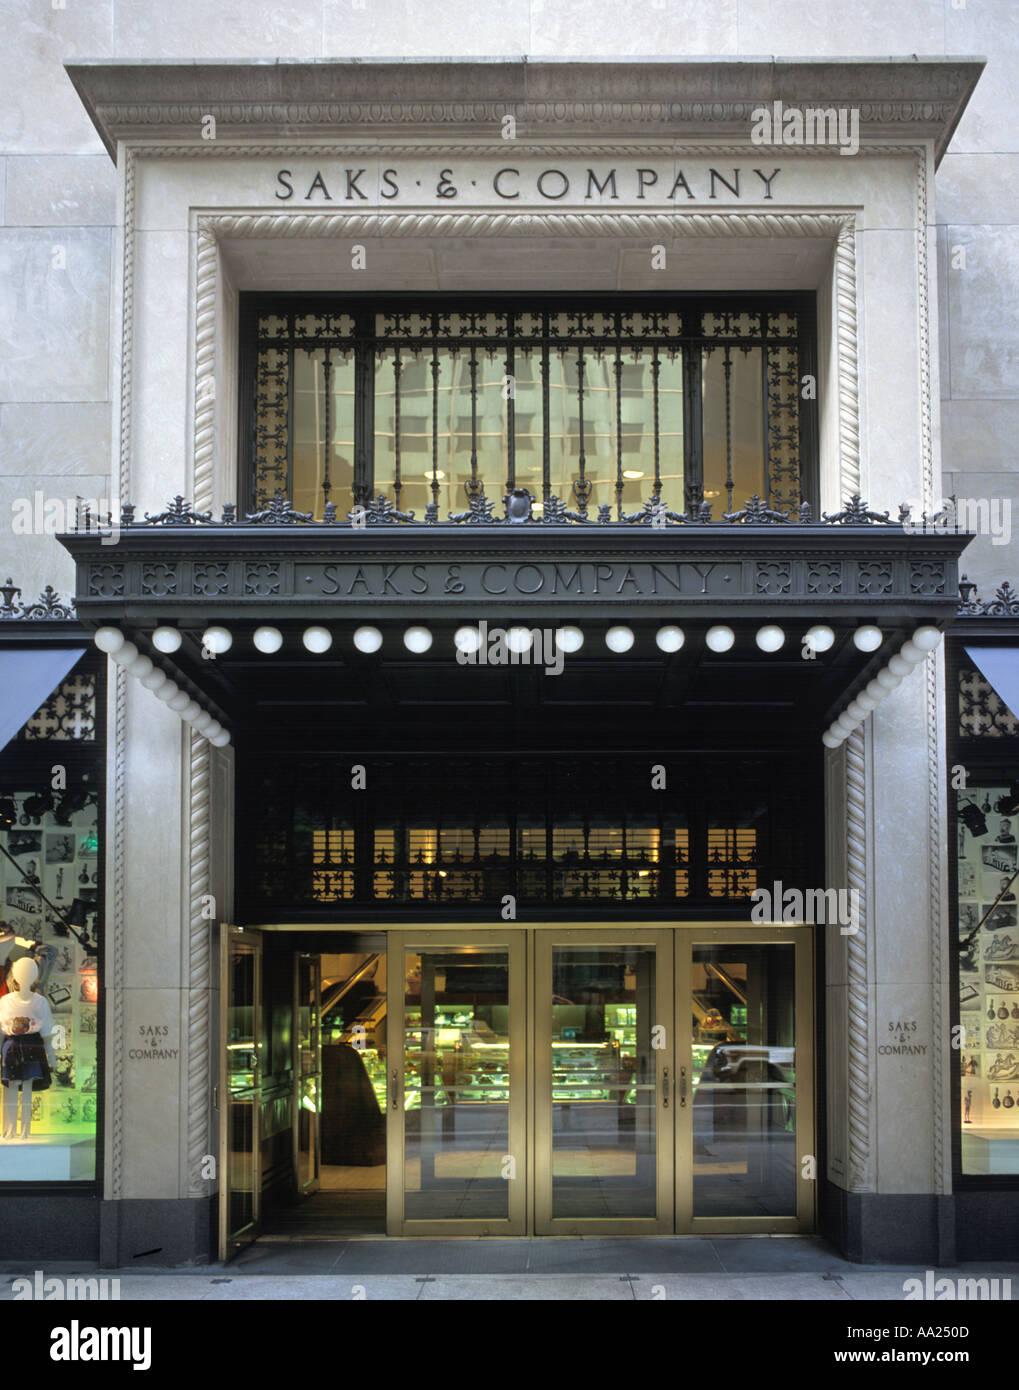 Saks 5th Avenue, NYC, New York City, NY, USA - Stock Image